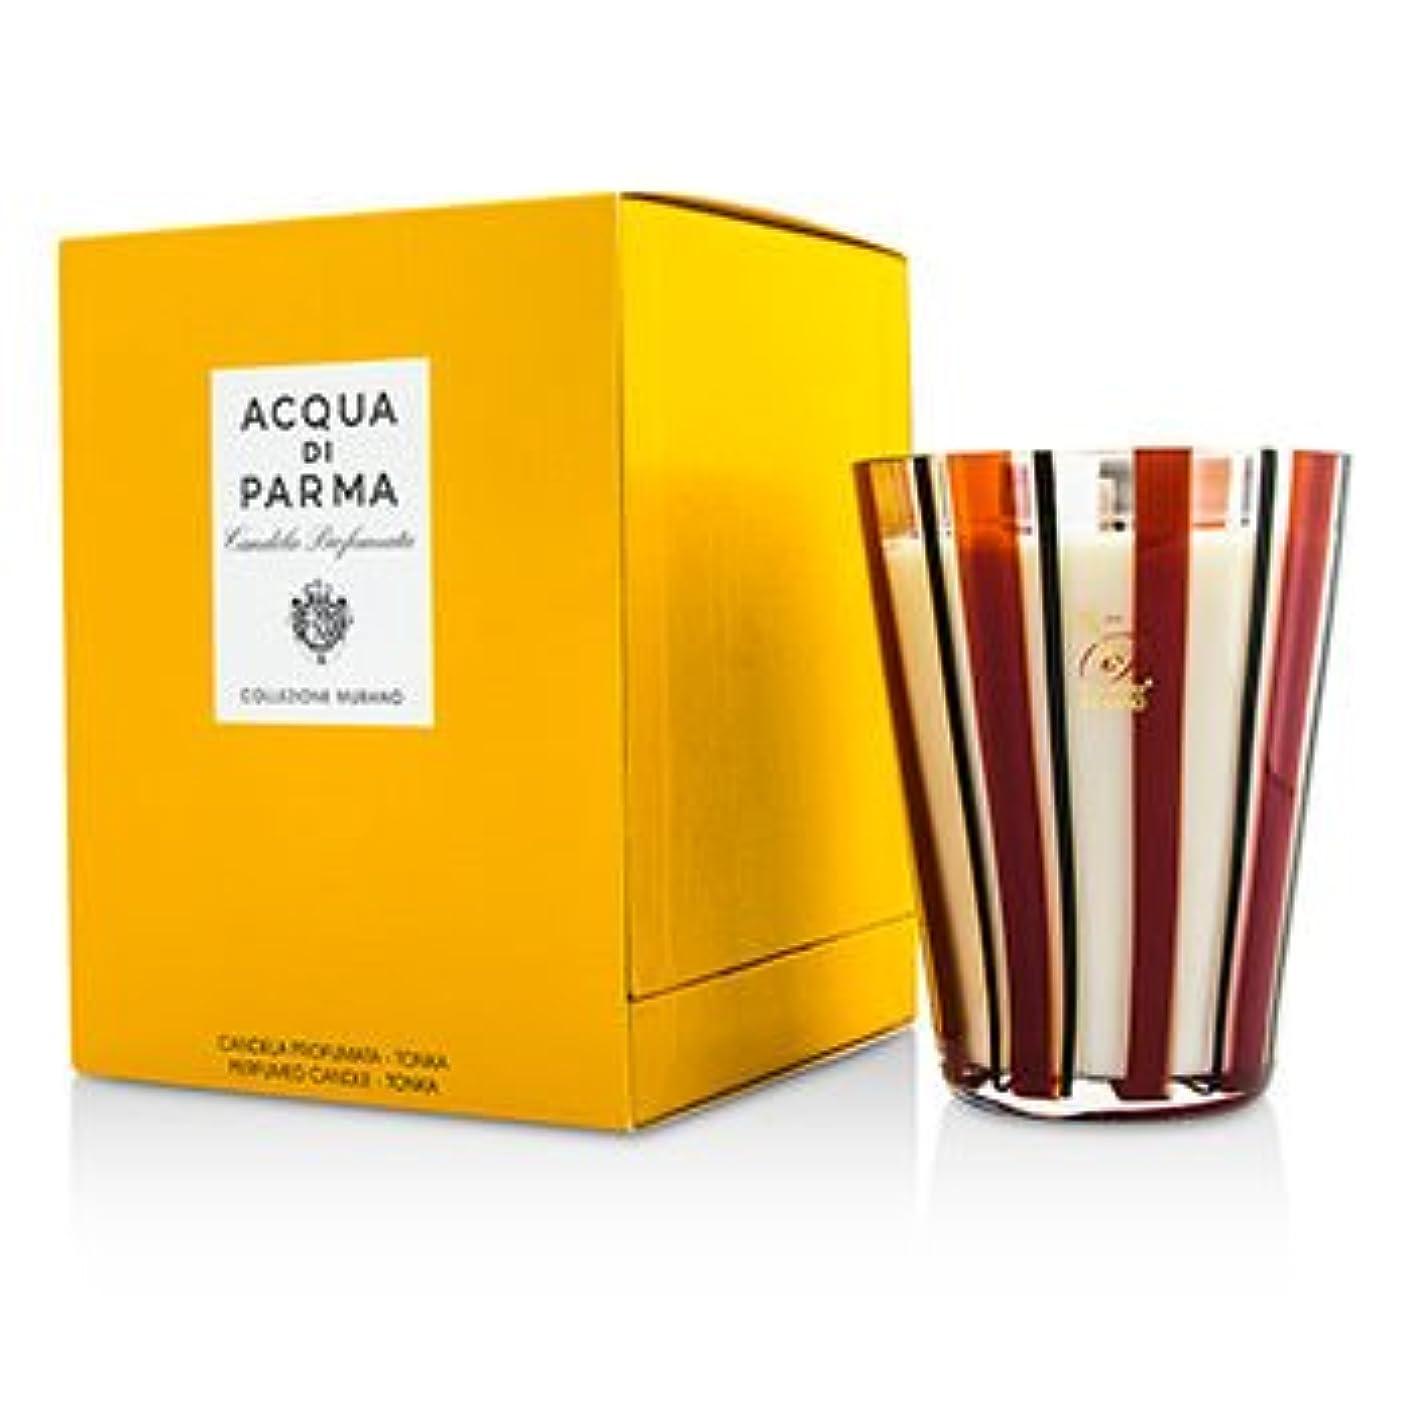 分析するエージェントパドル[Acqua Di Parma] Murano Glass Perfumed Candle - Tonka 200g/7.05oz